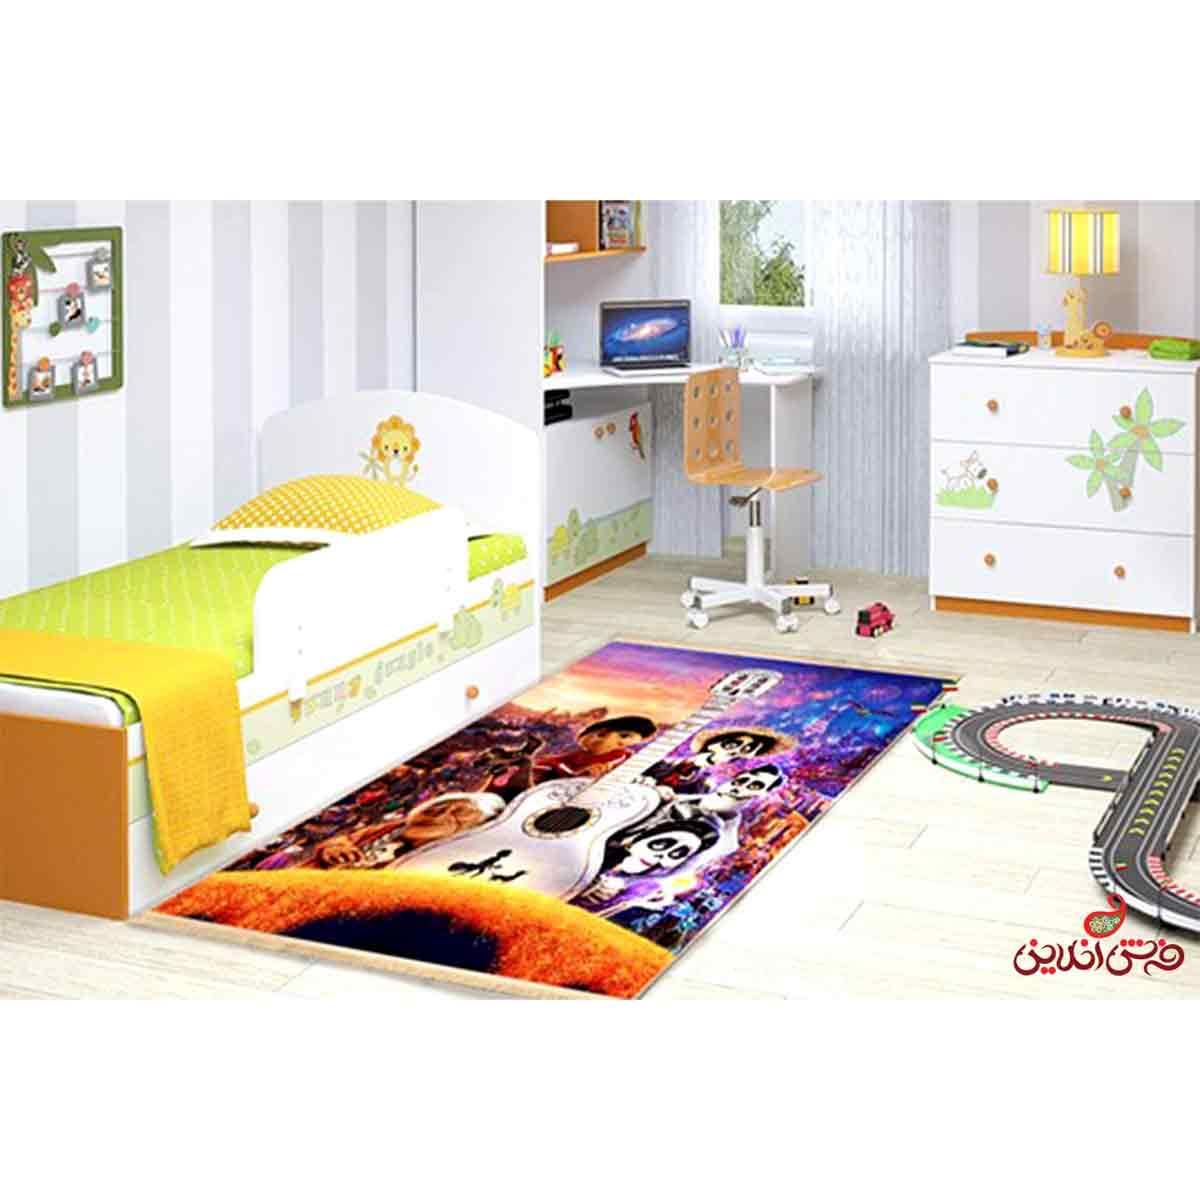 فرش ماشینی کودک کلاریس طرح کوکو Coco کد 100203